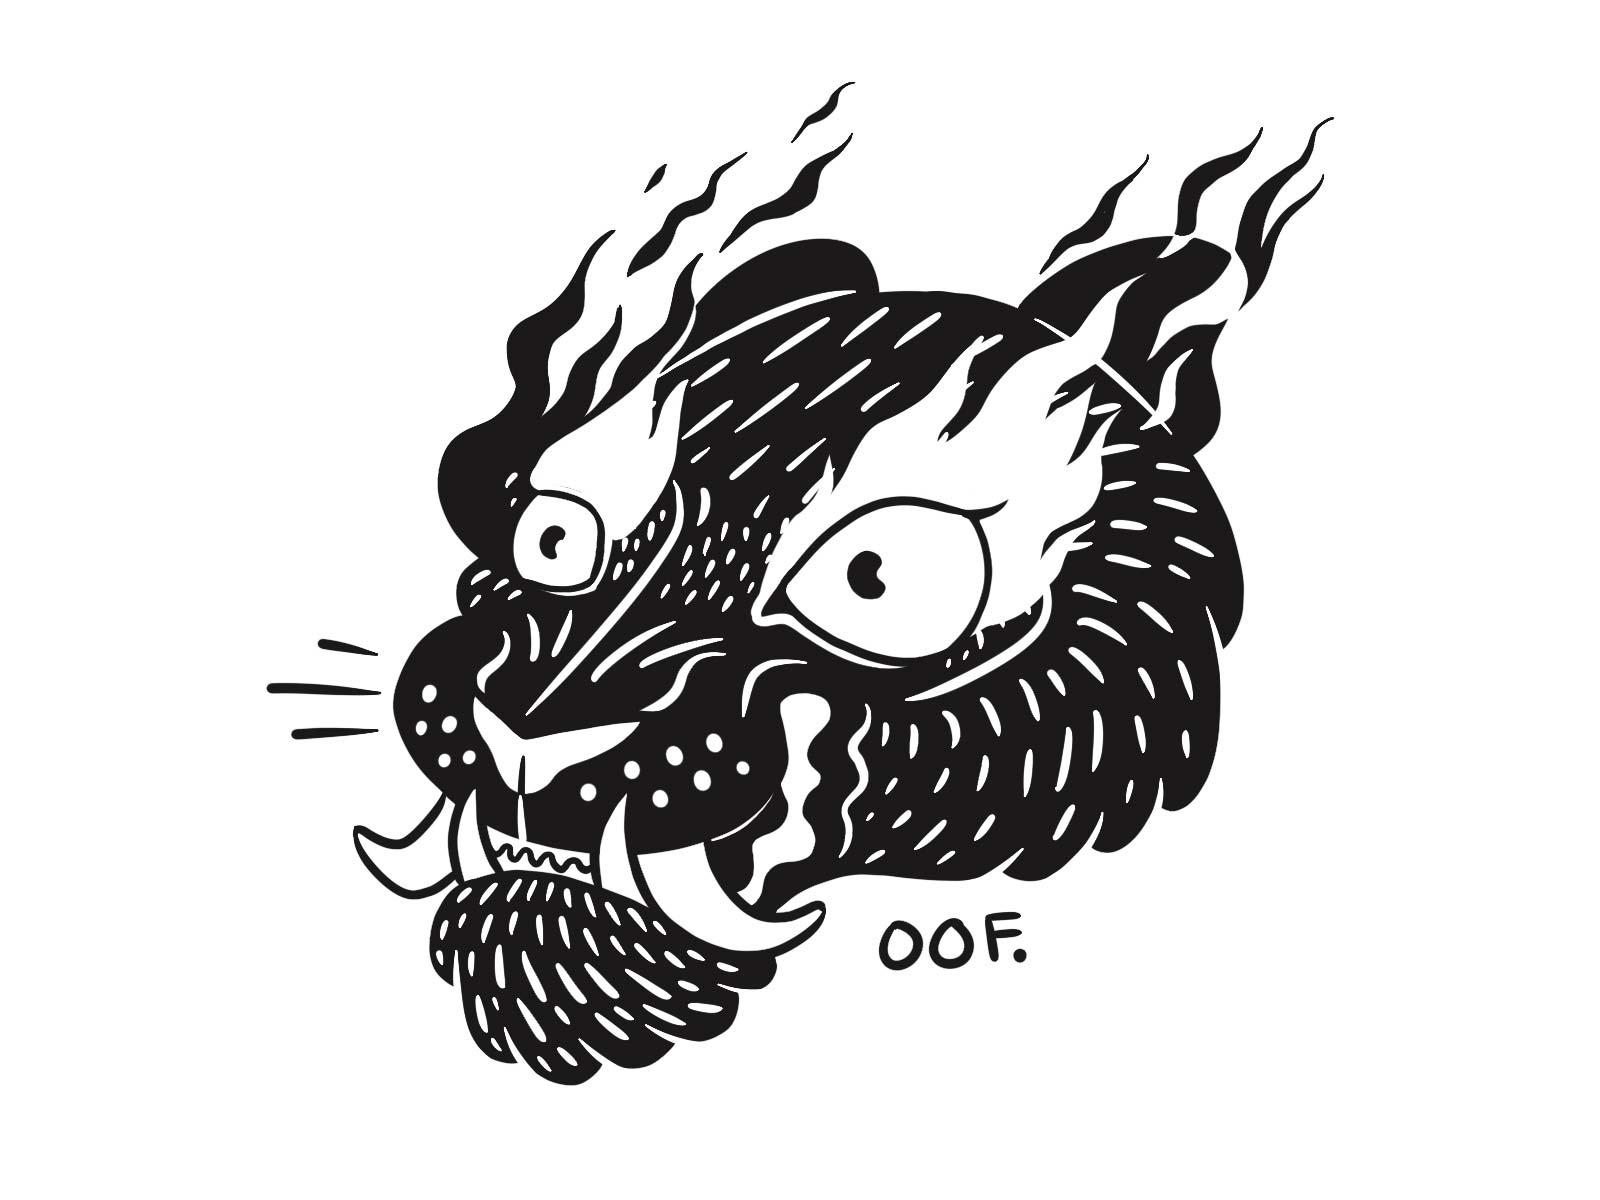 Oof_-1